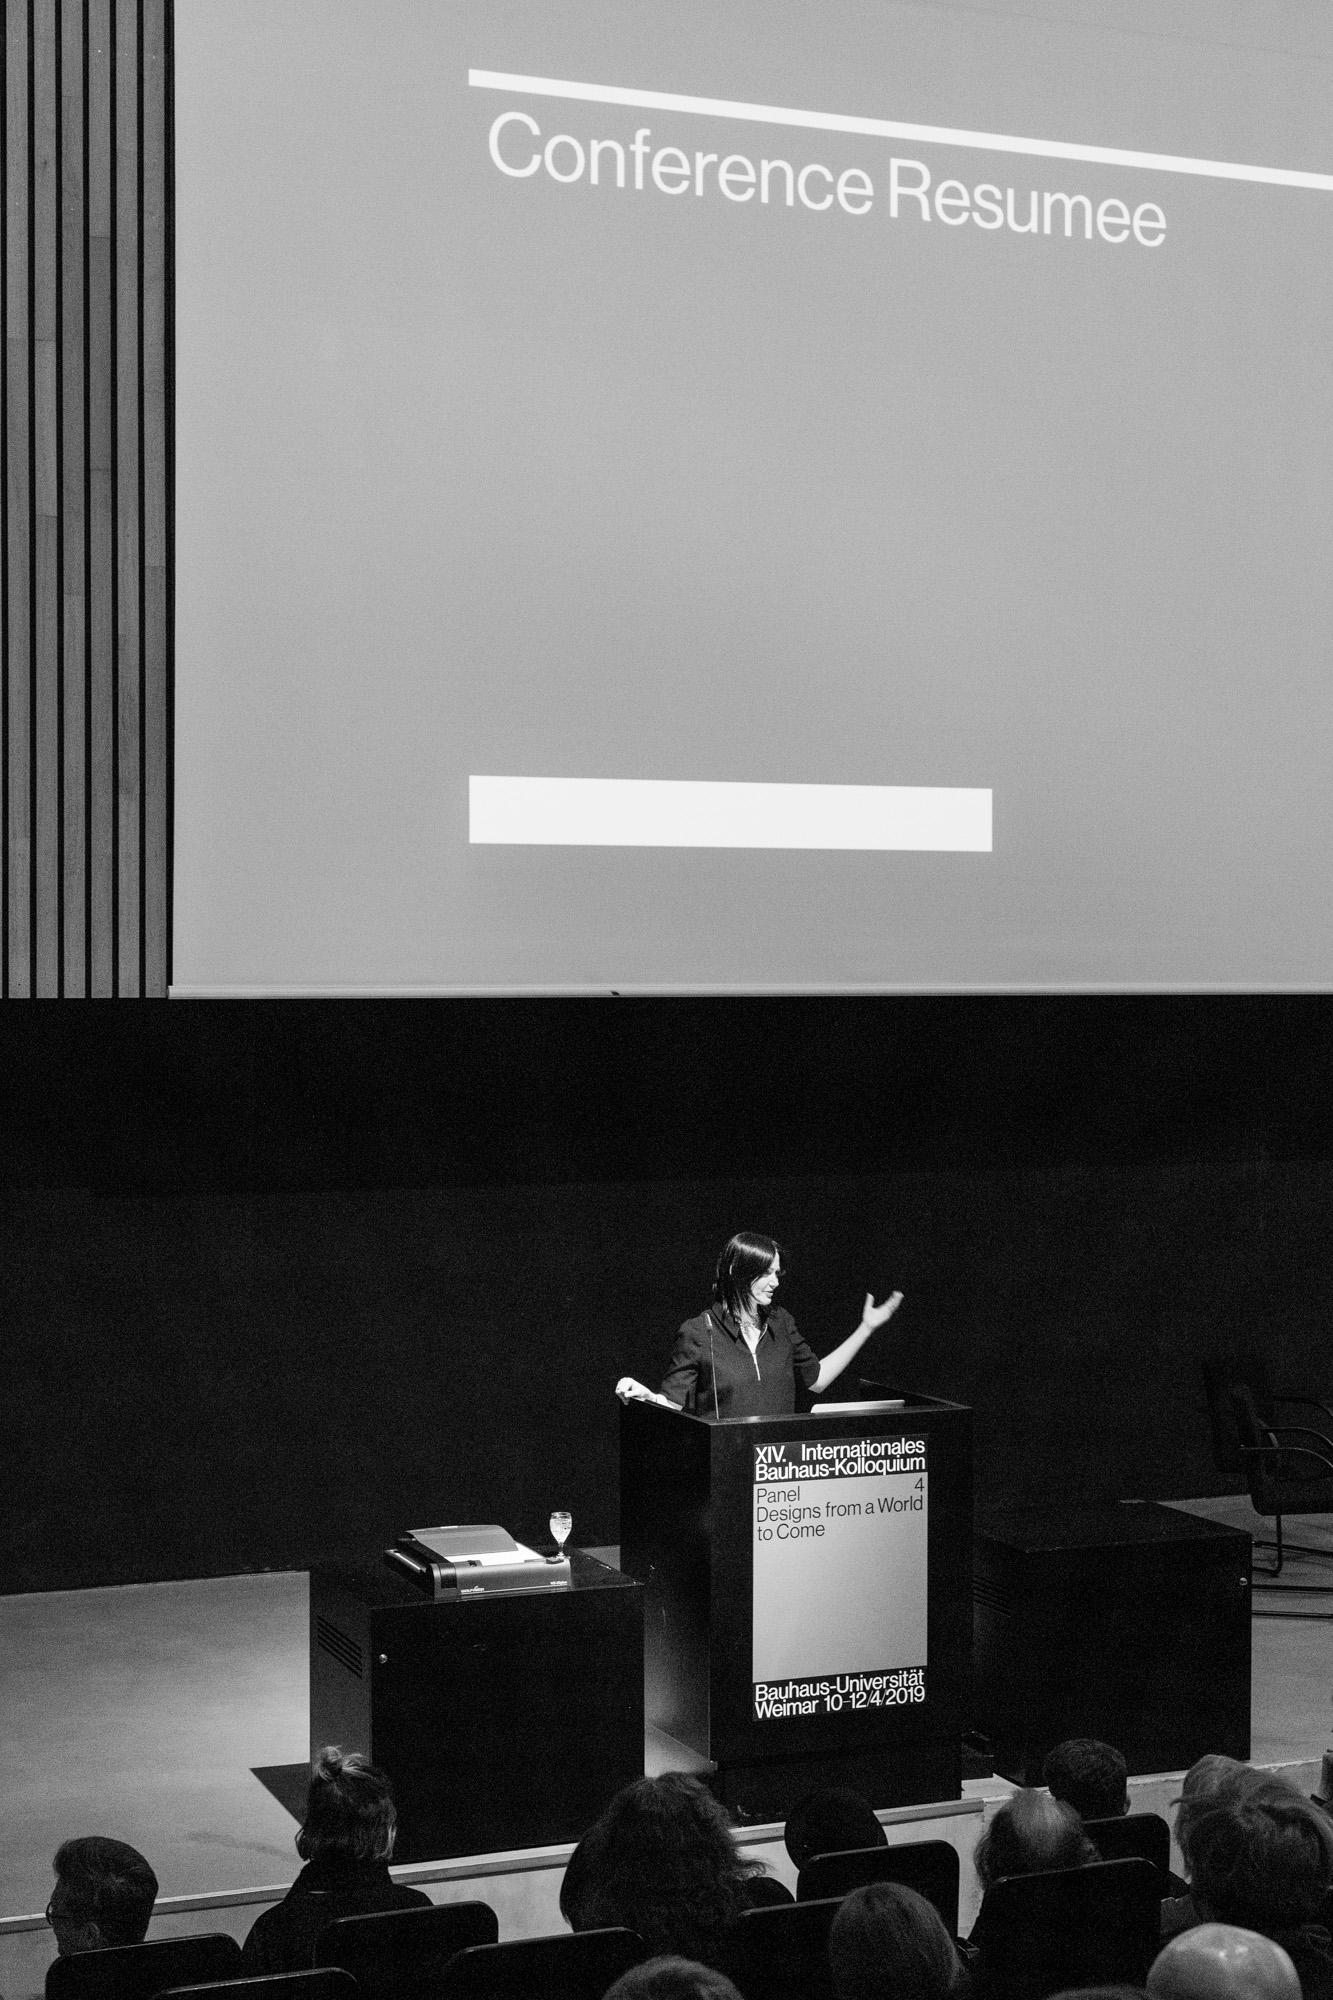 Konferenzdirektorin Ines Weizman. Fotografen: Samuel Solazzo, Jannis Uffrecht, Philipp Niemeyer